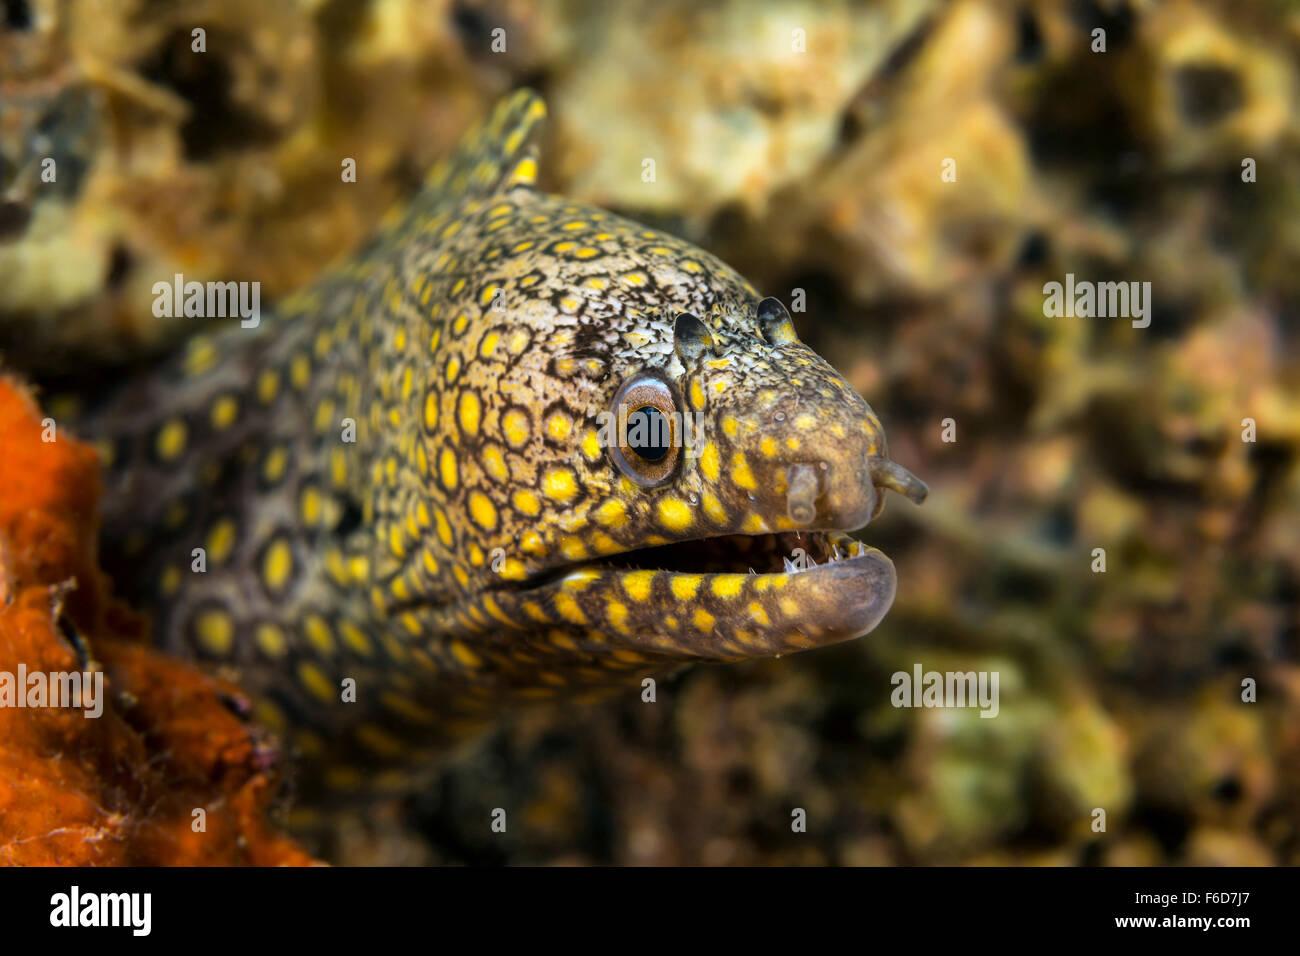 Jewel Moray, Muraena lentiginosa, La Paz, Baja California Sur, Mexico - Stock Image